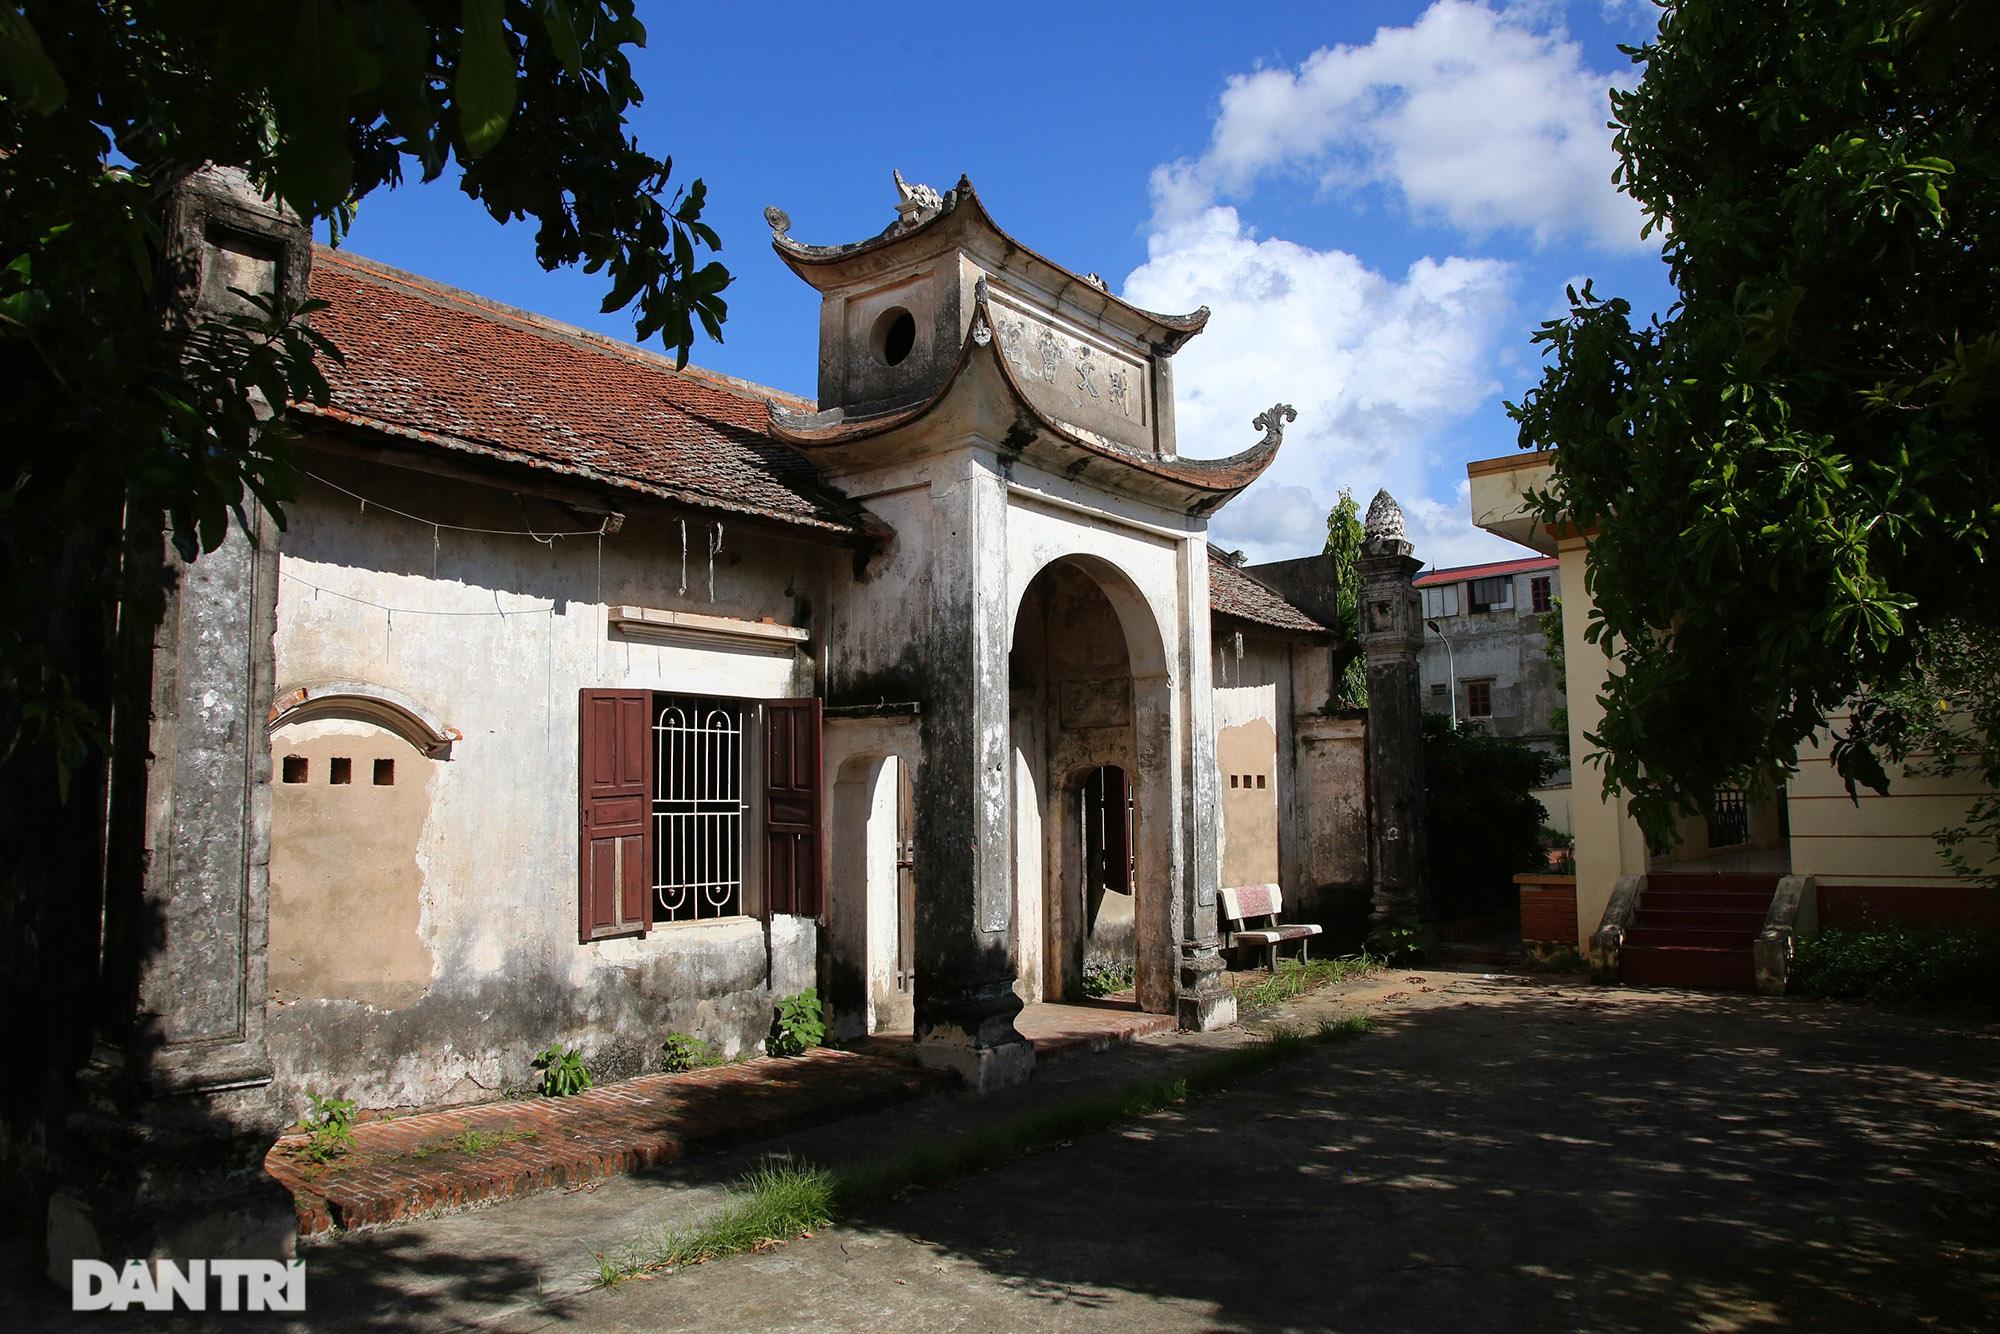 Làng cổ nghìn năm tuổi nổi tiếng giàu có nay là của hiếm ở Hà Nội - 7